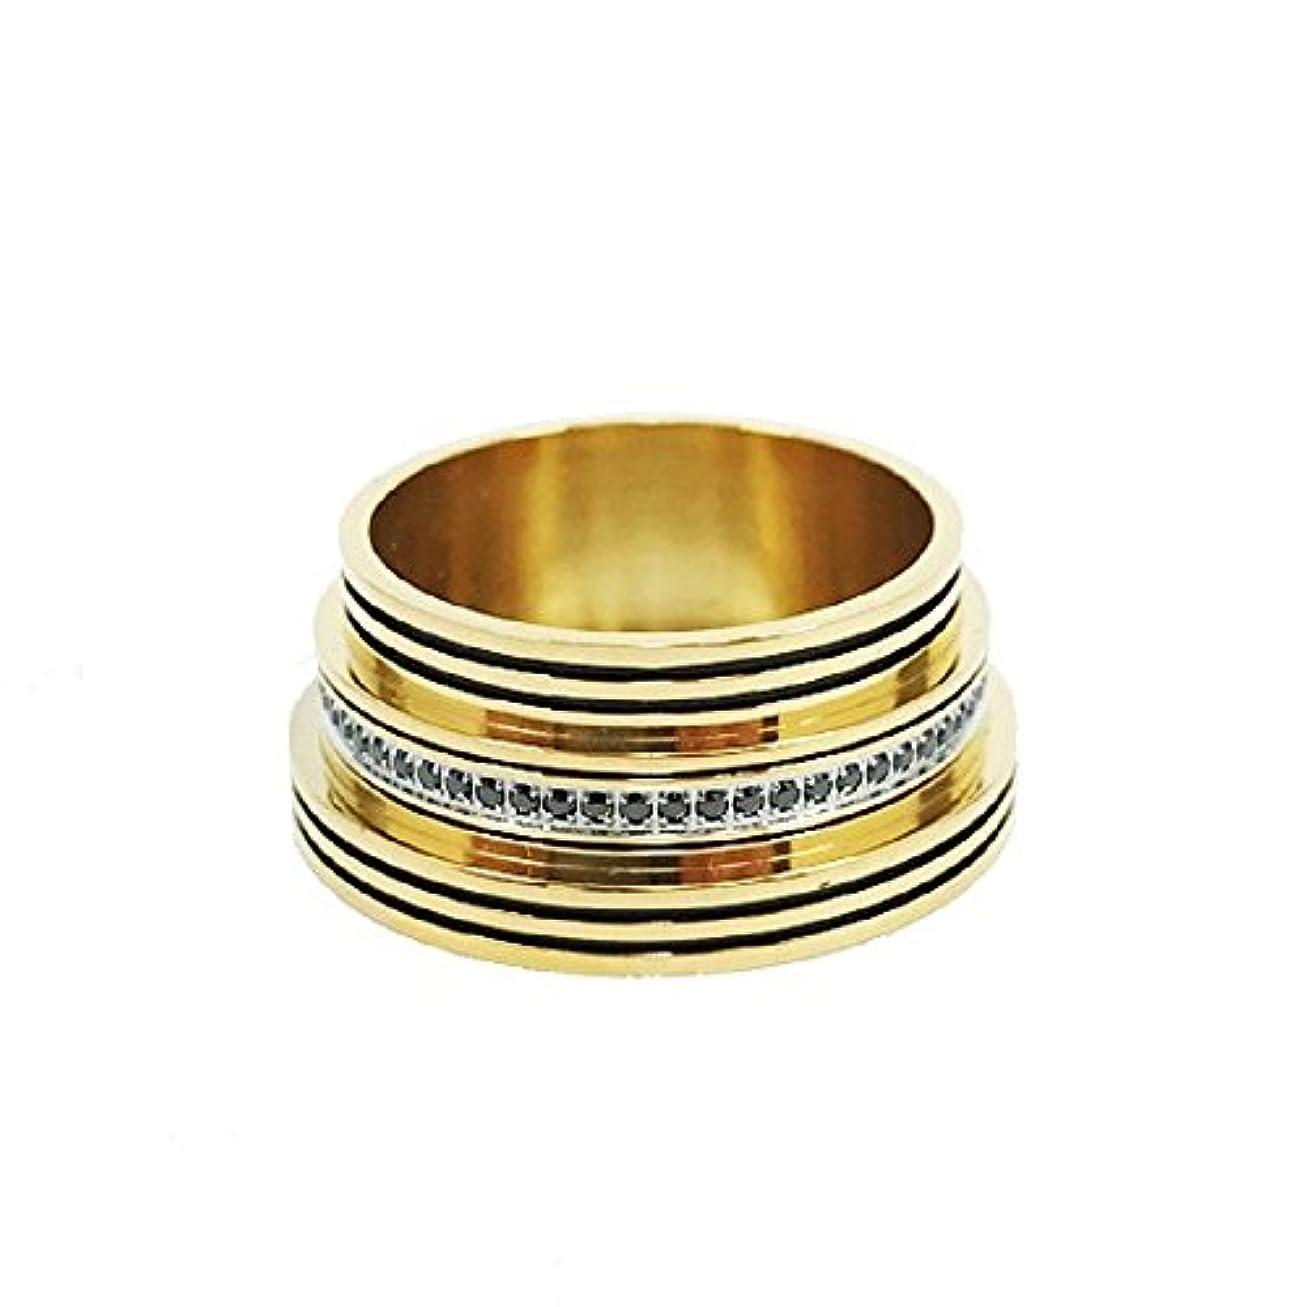 ギャザーシュリンクバイバイCarlos Creations「Trinity -Gold-」トリニティ ★★★★★ 26650MOD Dress Ring/Beauty Ring カスタムパーツ/ドレスパーツ (ブラック)